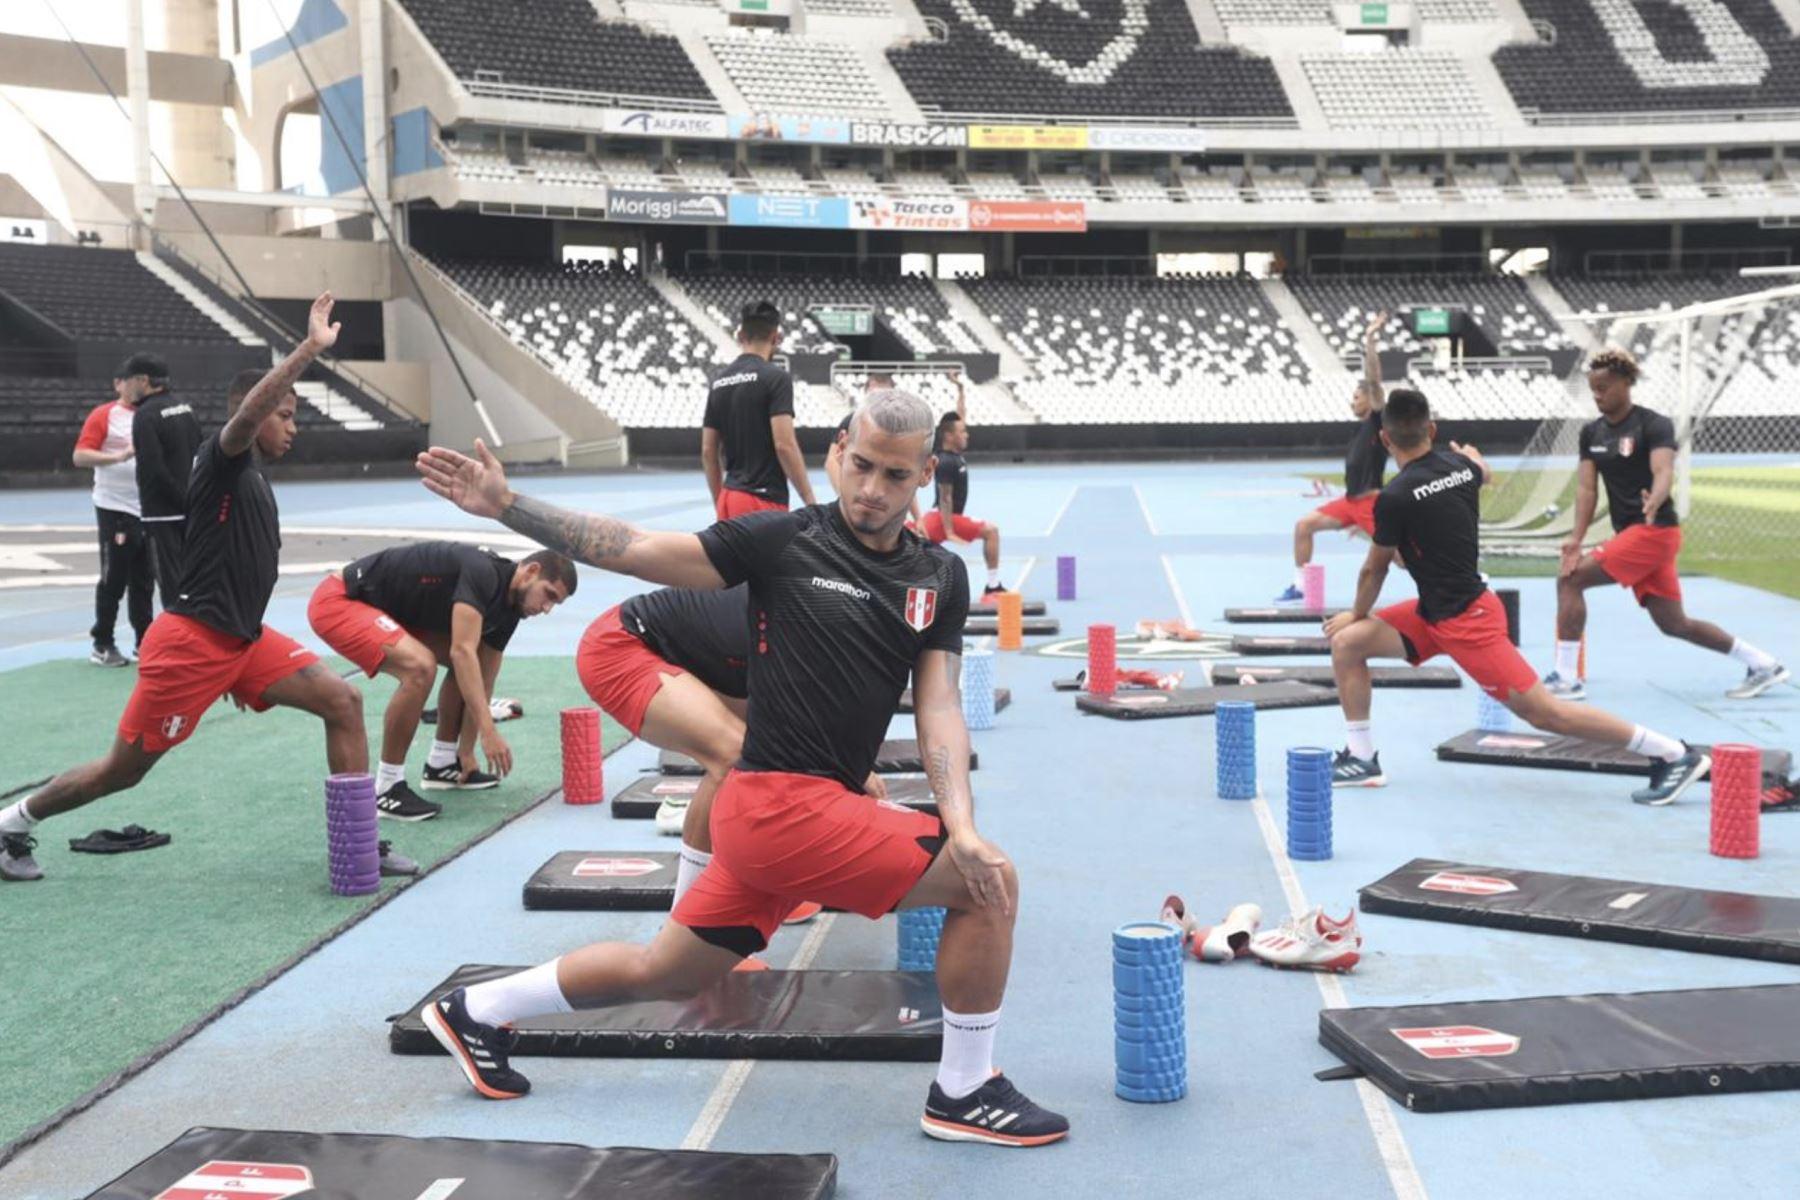 Sesión de entrenamiento en Río de Janeiro, Brasil, en la víspera del partido por el campeonato de fútbol de la Copa América contra Bolivia. Foto: FPF